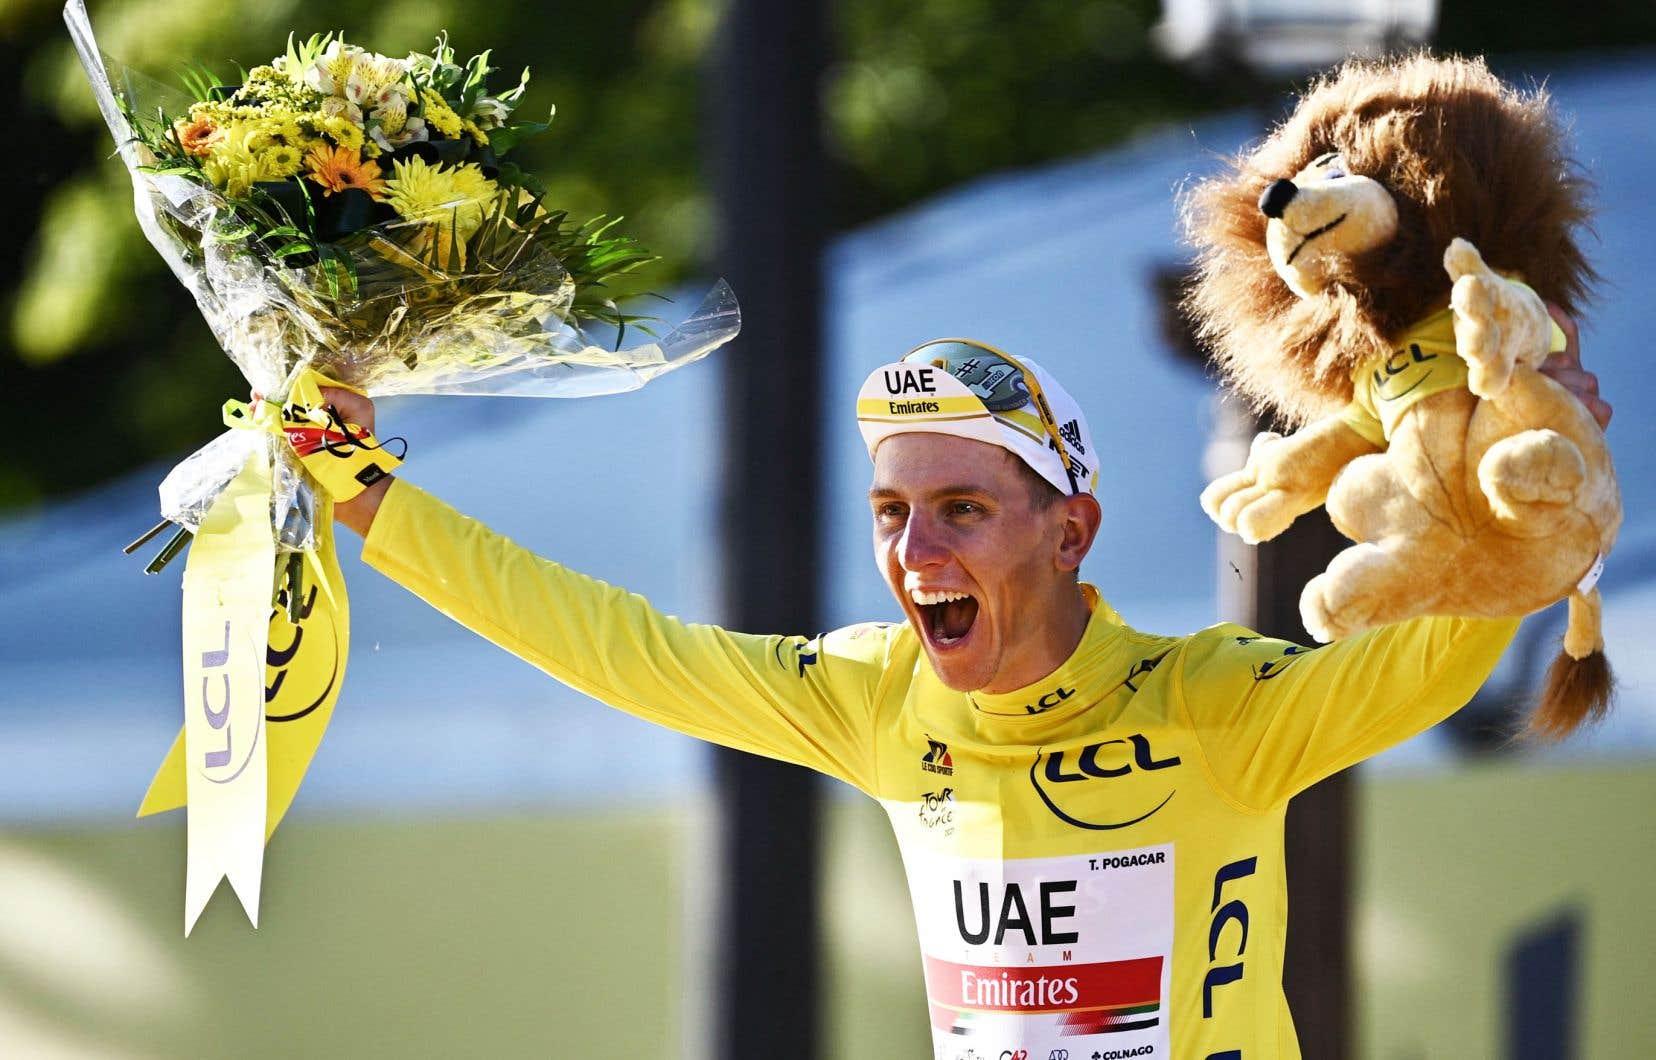 Le vainqueur Tadej Pogacar de Slovénie célèbre son maillot jaune de leader du classement général sur le podium à la fin de la 21e et dernière étape de la 108e édition du Tour de France.